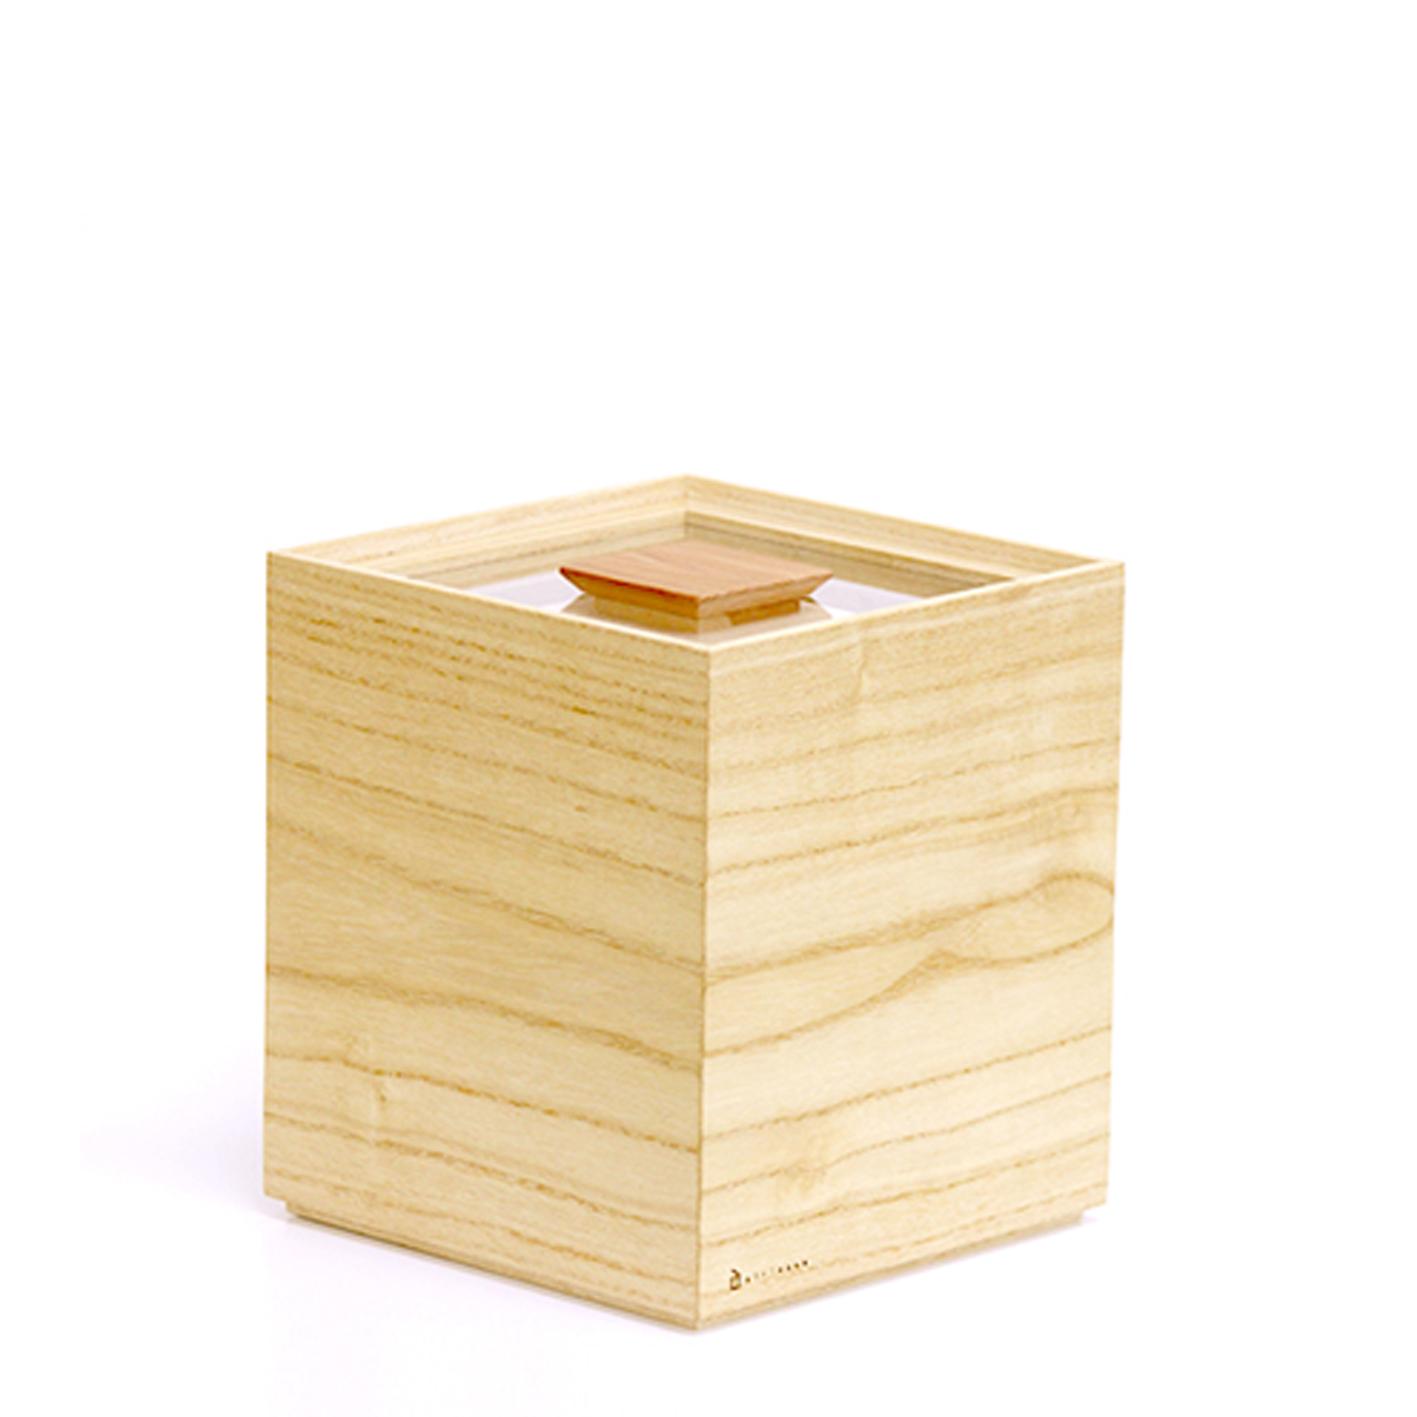 増田桐箱店 桐製米びつ 5kg